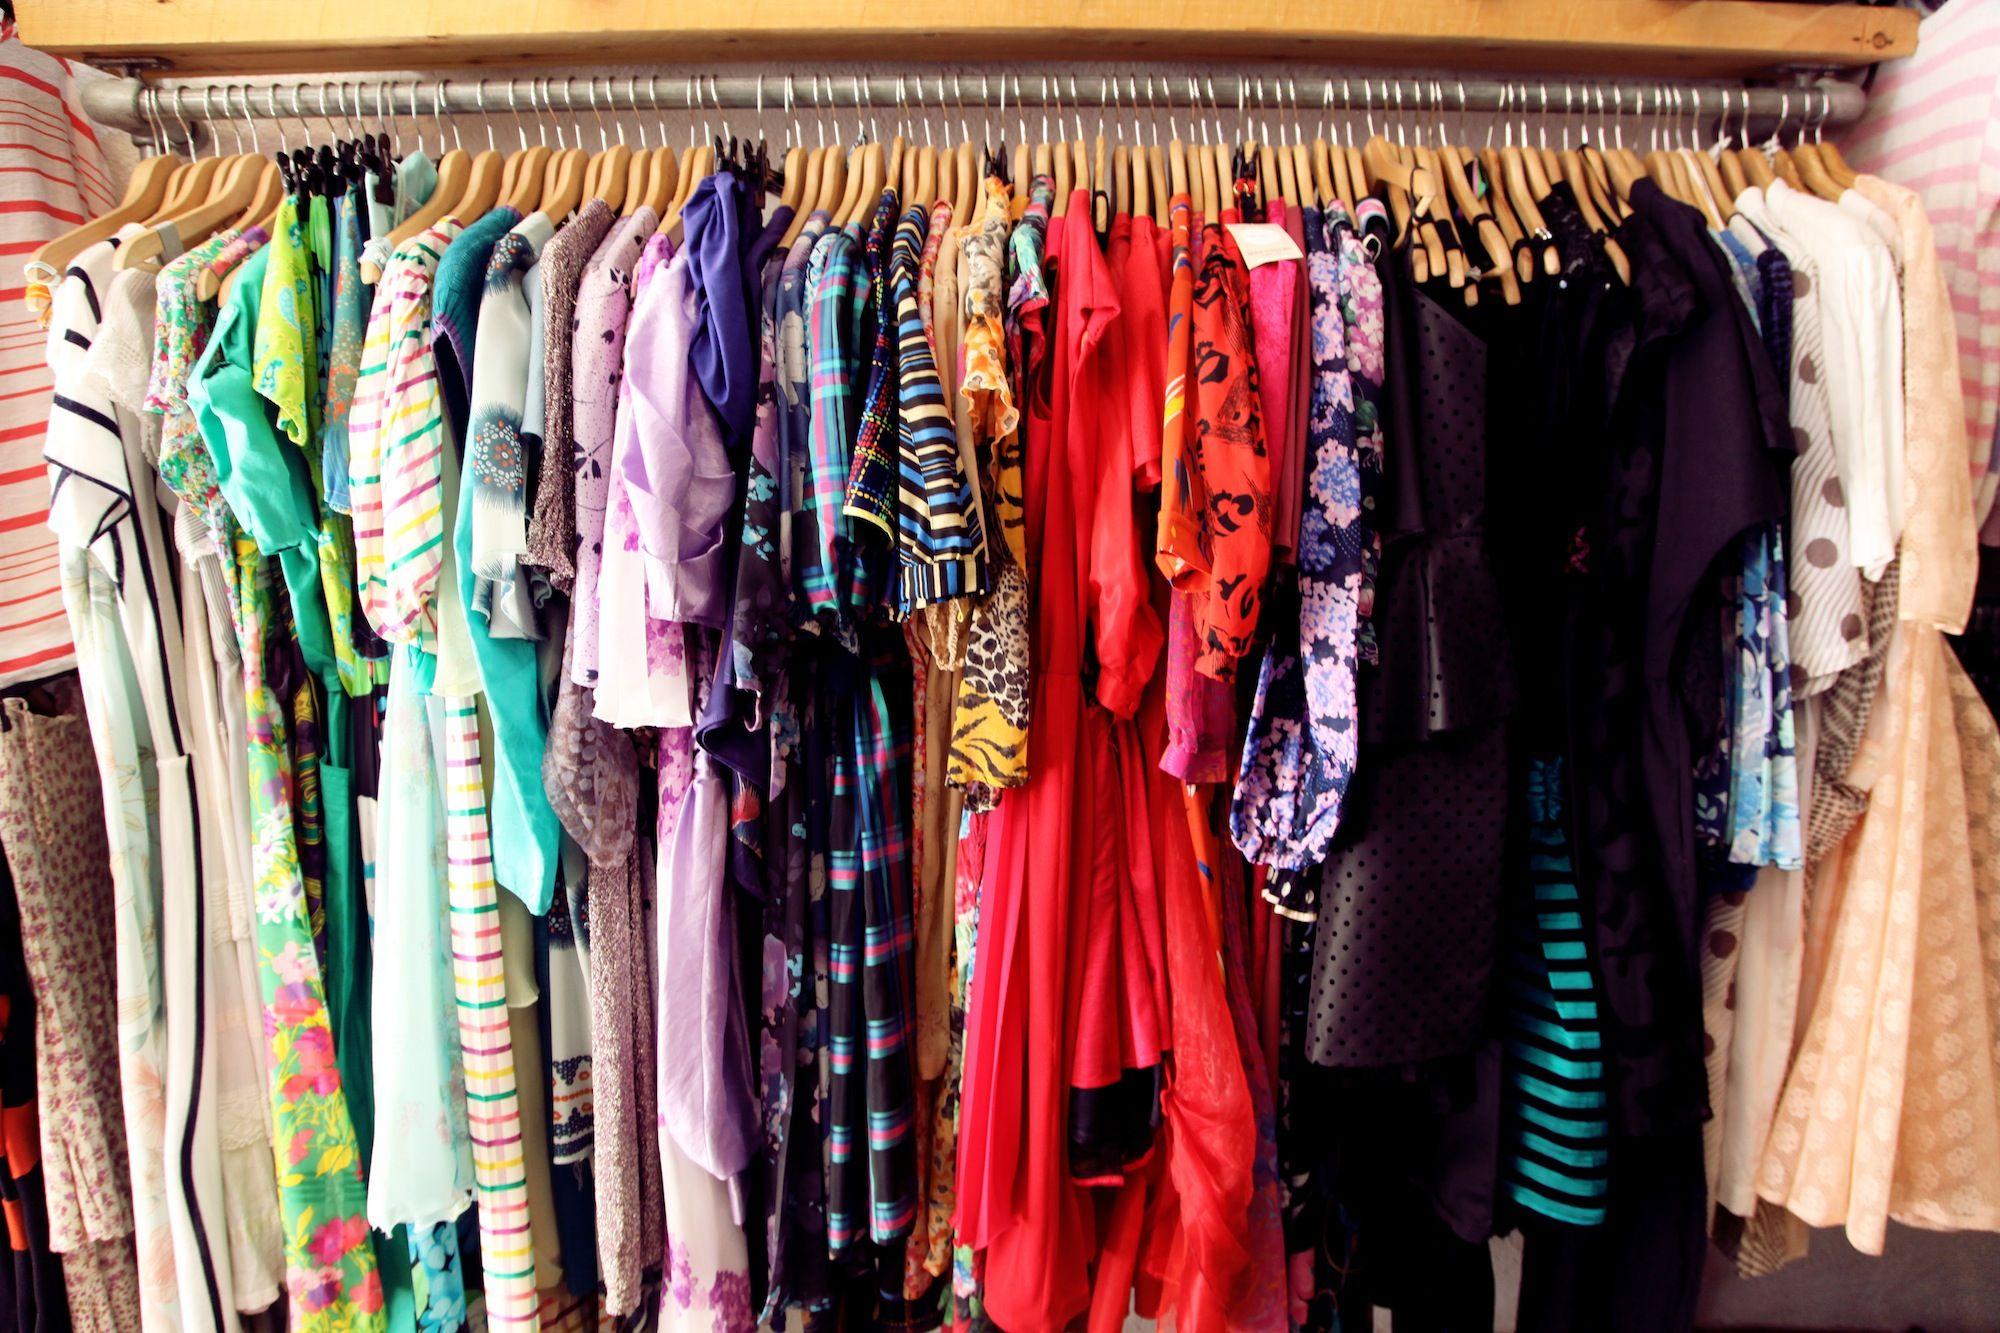 Consigli per chi acquista o vende abiti usati